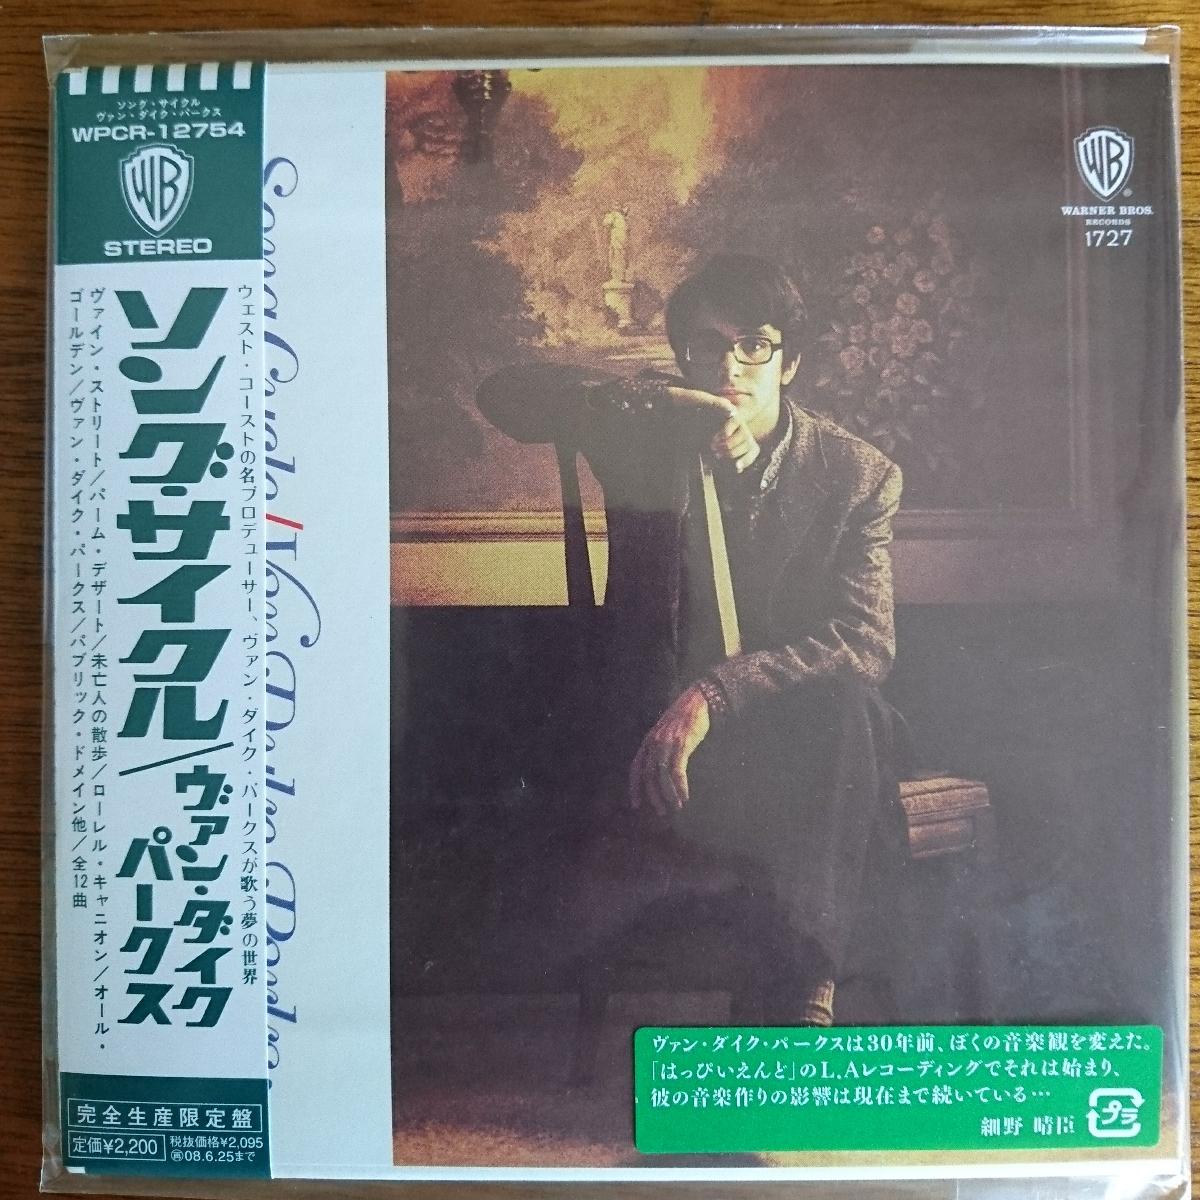 送料無料 中古CD 美品 紙ジャケット Van Dyke Parks song cycle ヴァン ダイク パークス ソング サイクル 完全生産限定盤